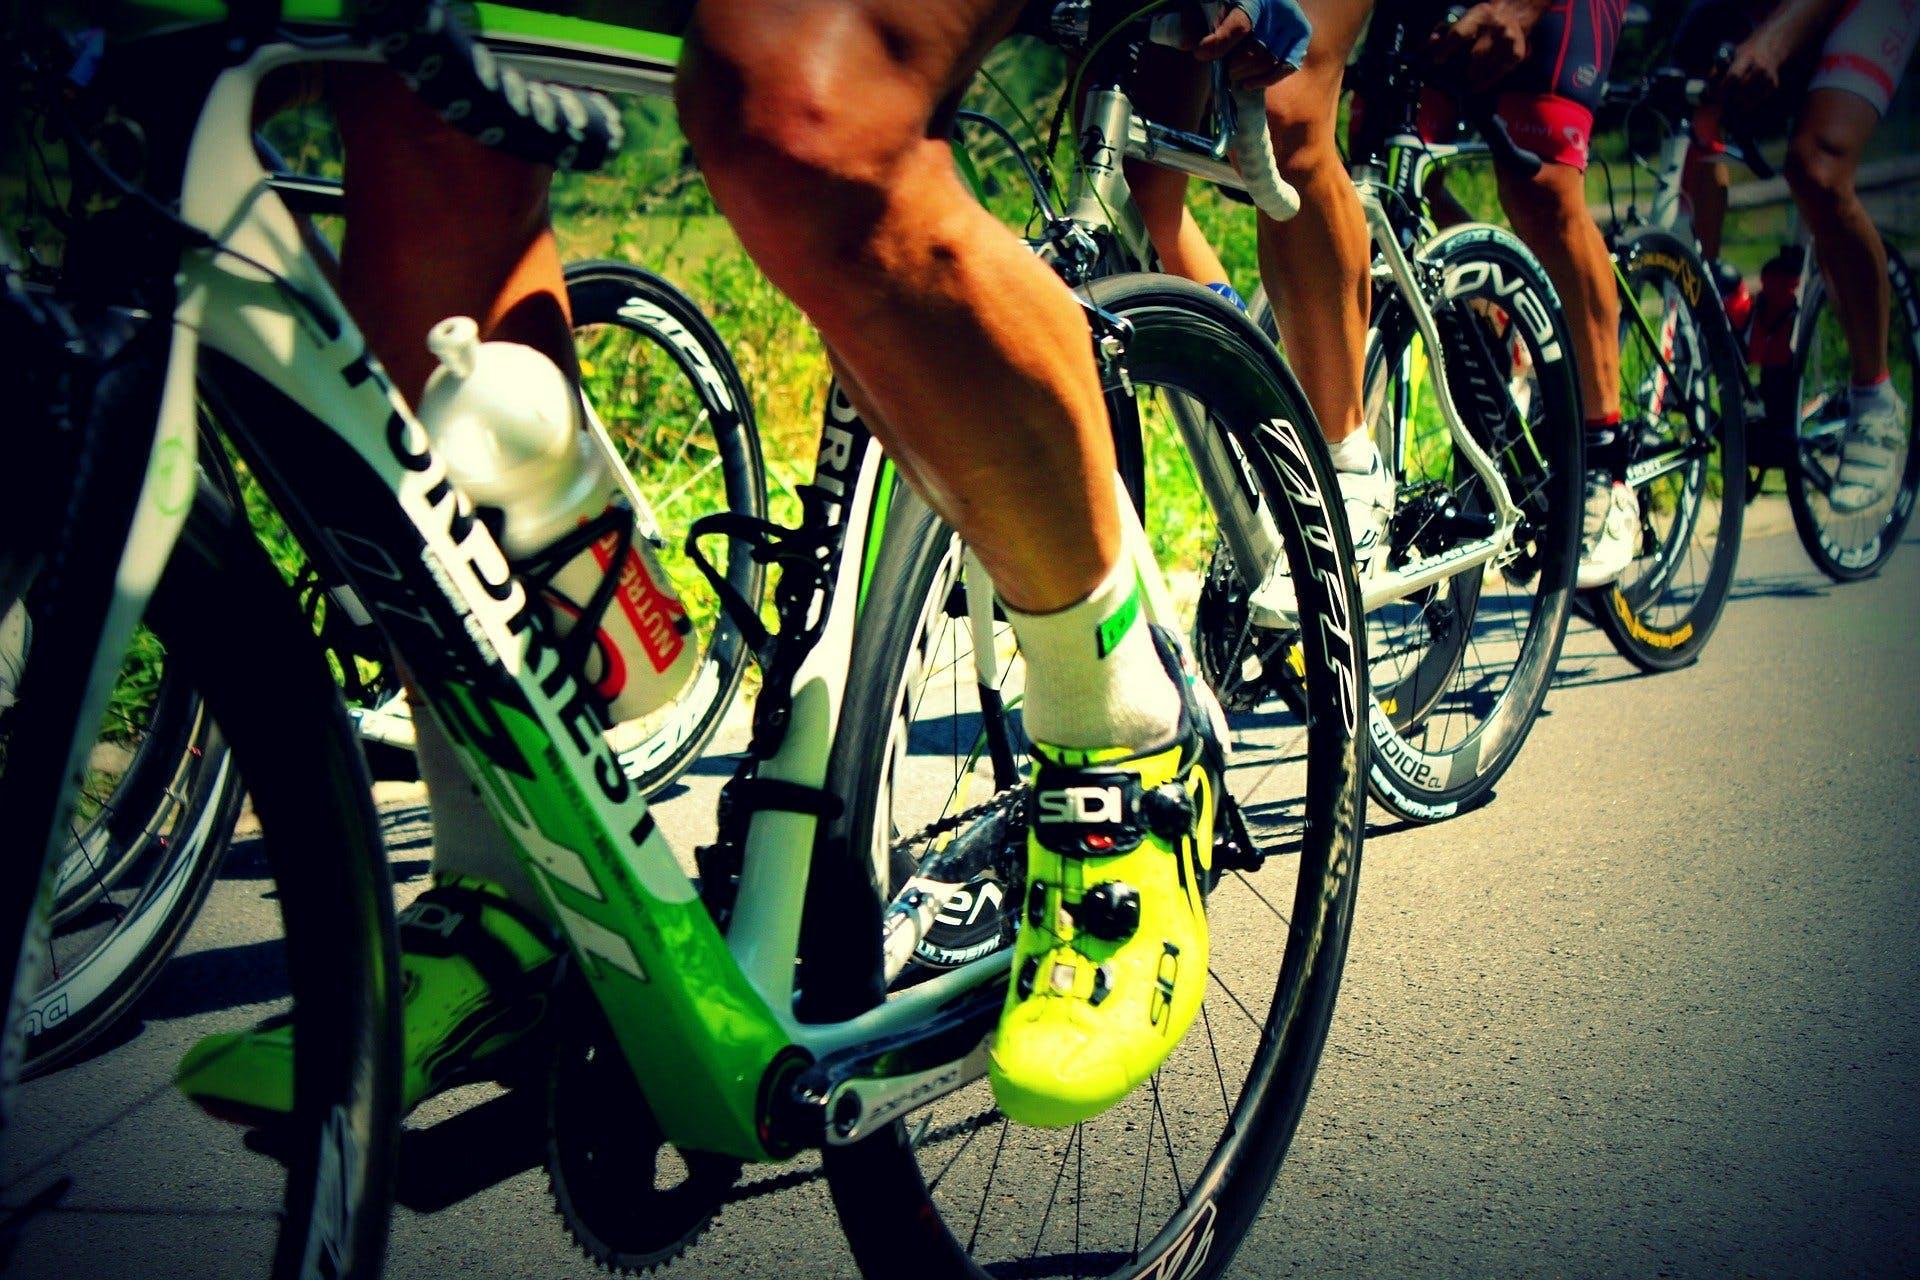 foto mostrando as sapatilhas e meias de ciclistas